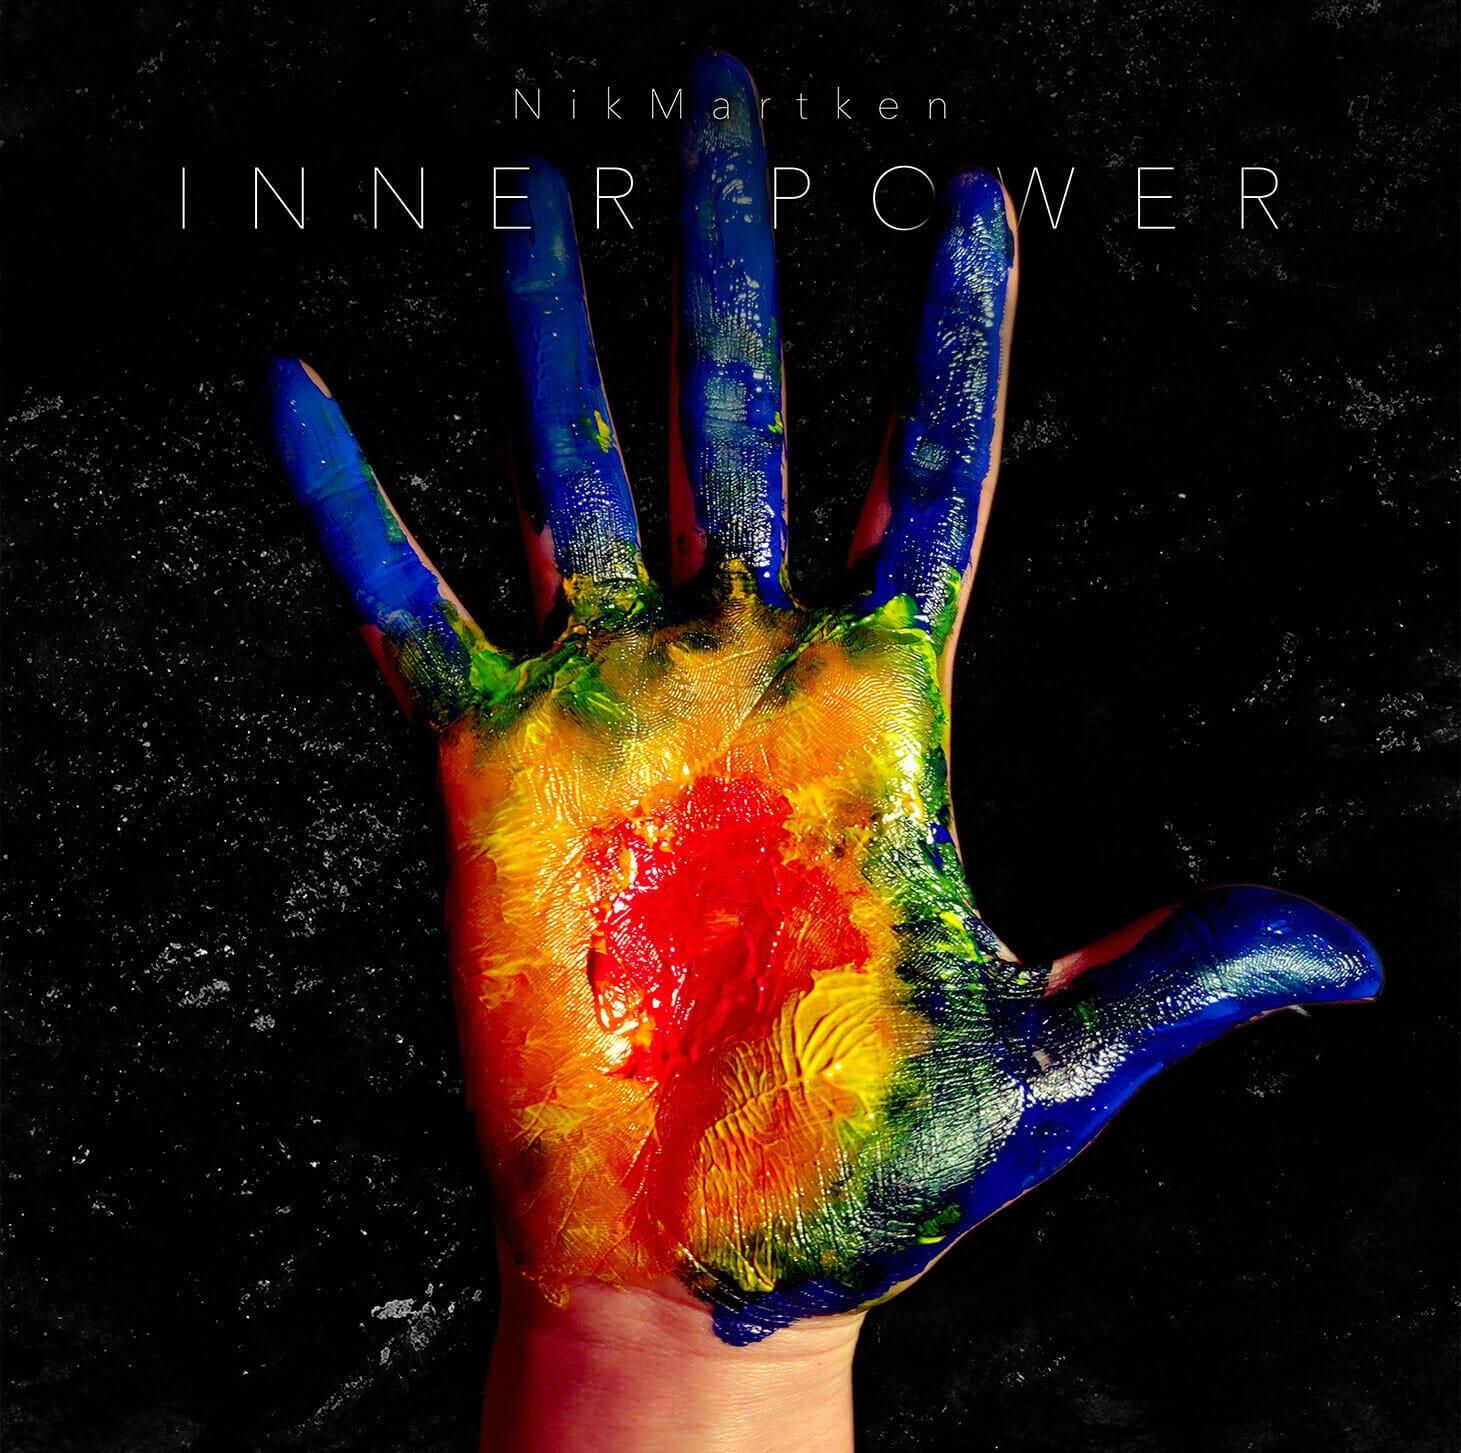 NikMartken - Inner Power (Single)